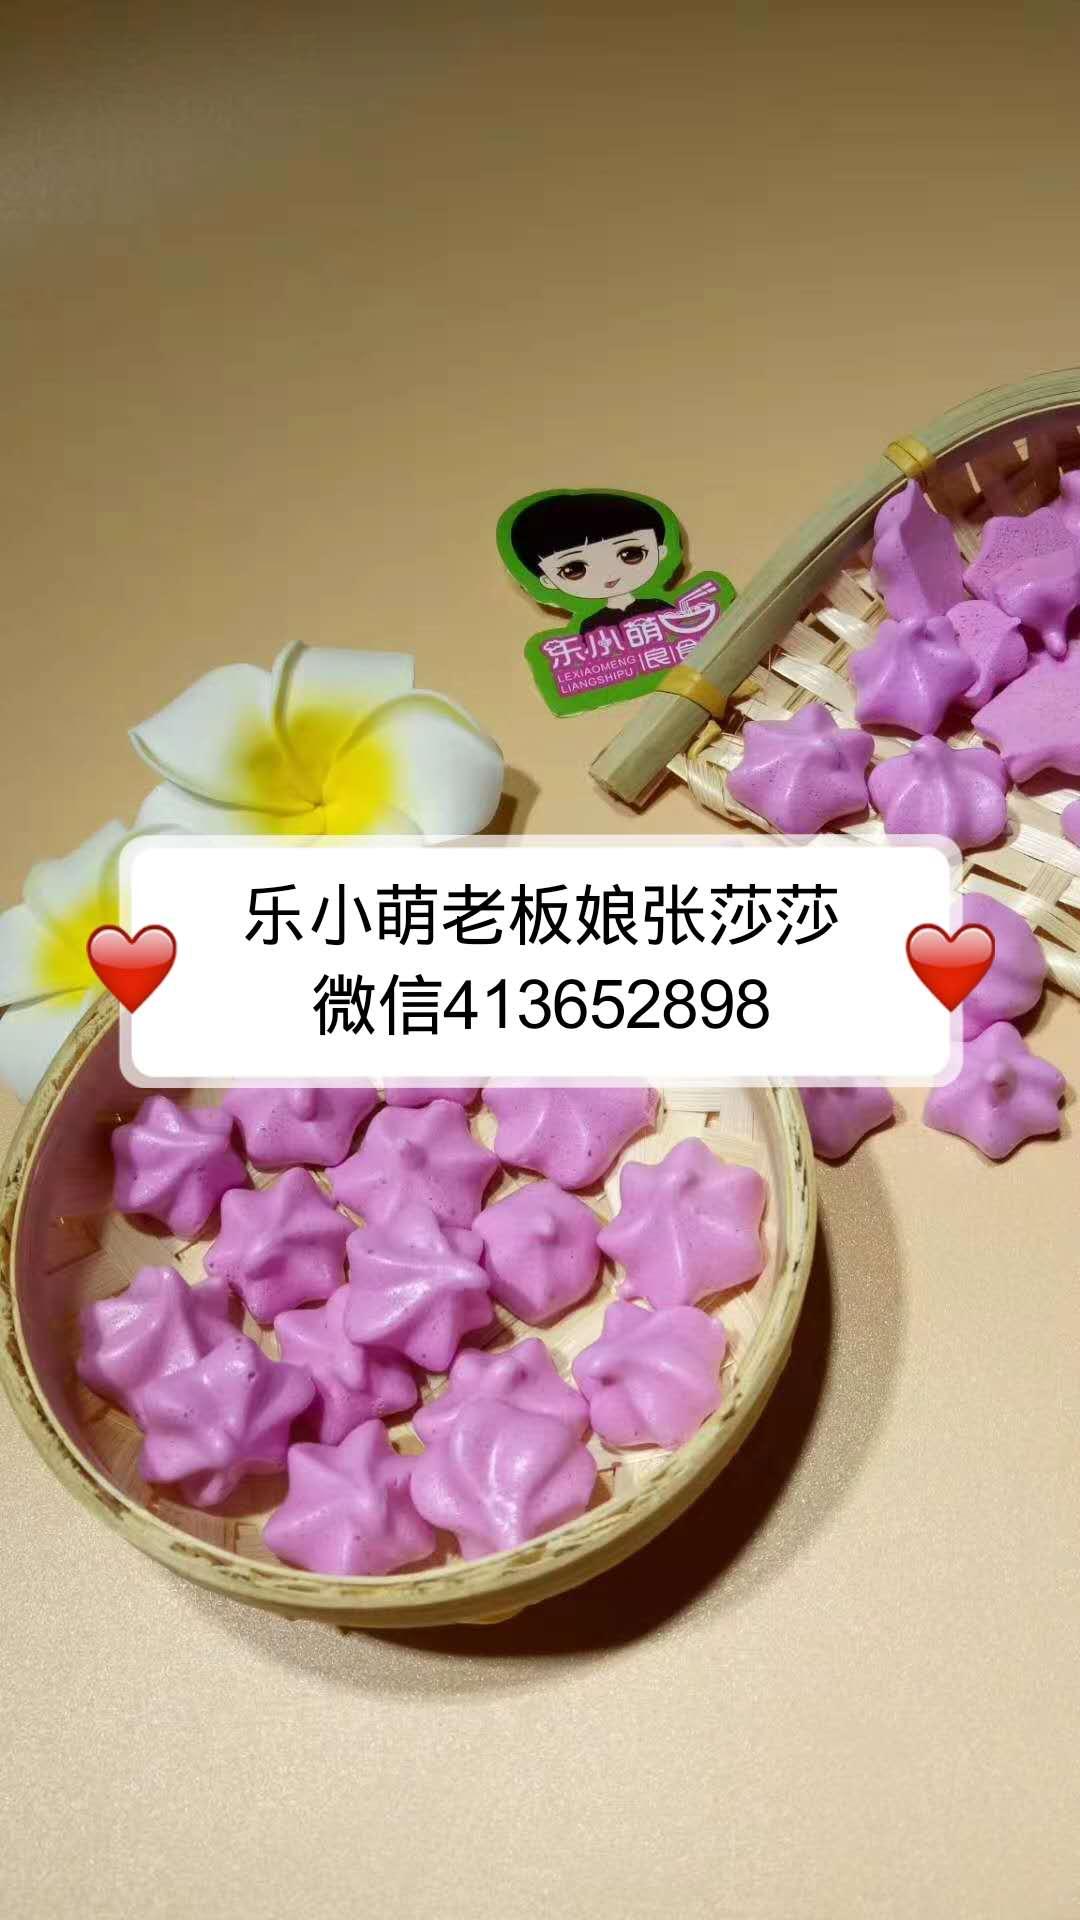 乐小萌官方总店原名是良心铺子吗?创始人张莎莎老板娘微信号多少?